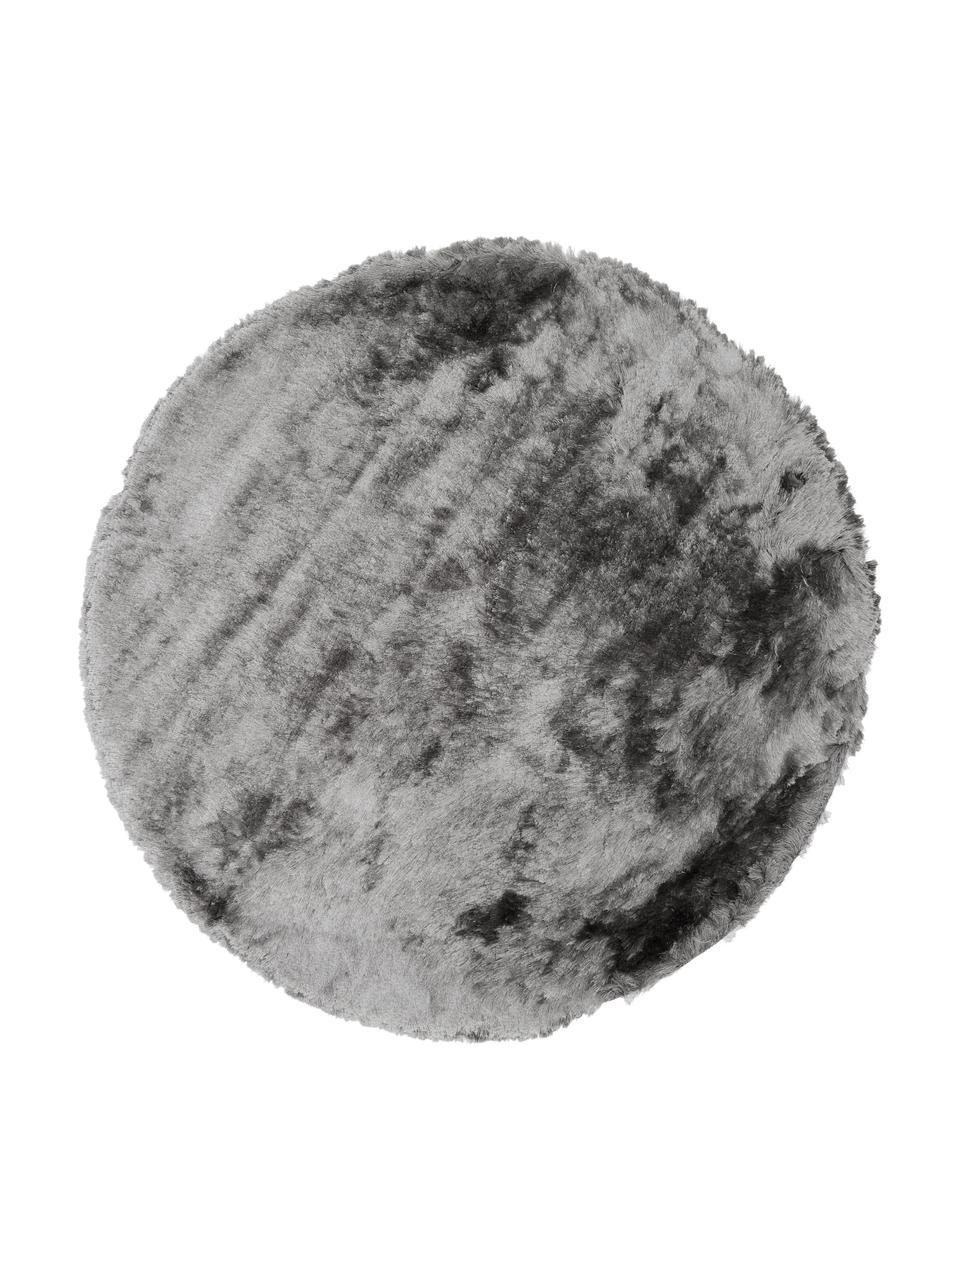 Glänzender Hochflor-Teppich Jimmy in Hellgrau, rund, Flor: 100% Polyester, Hellgrau, Ø 200 cm (Größe L)